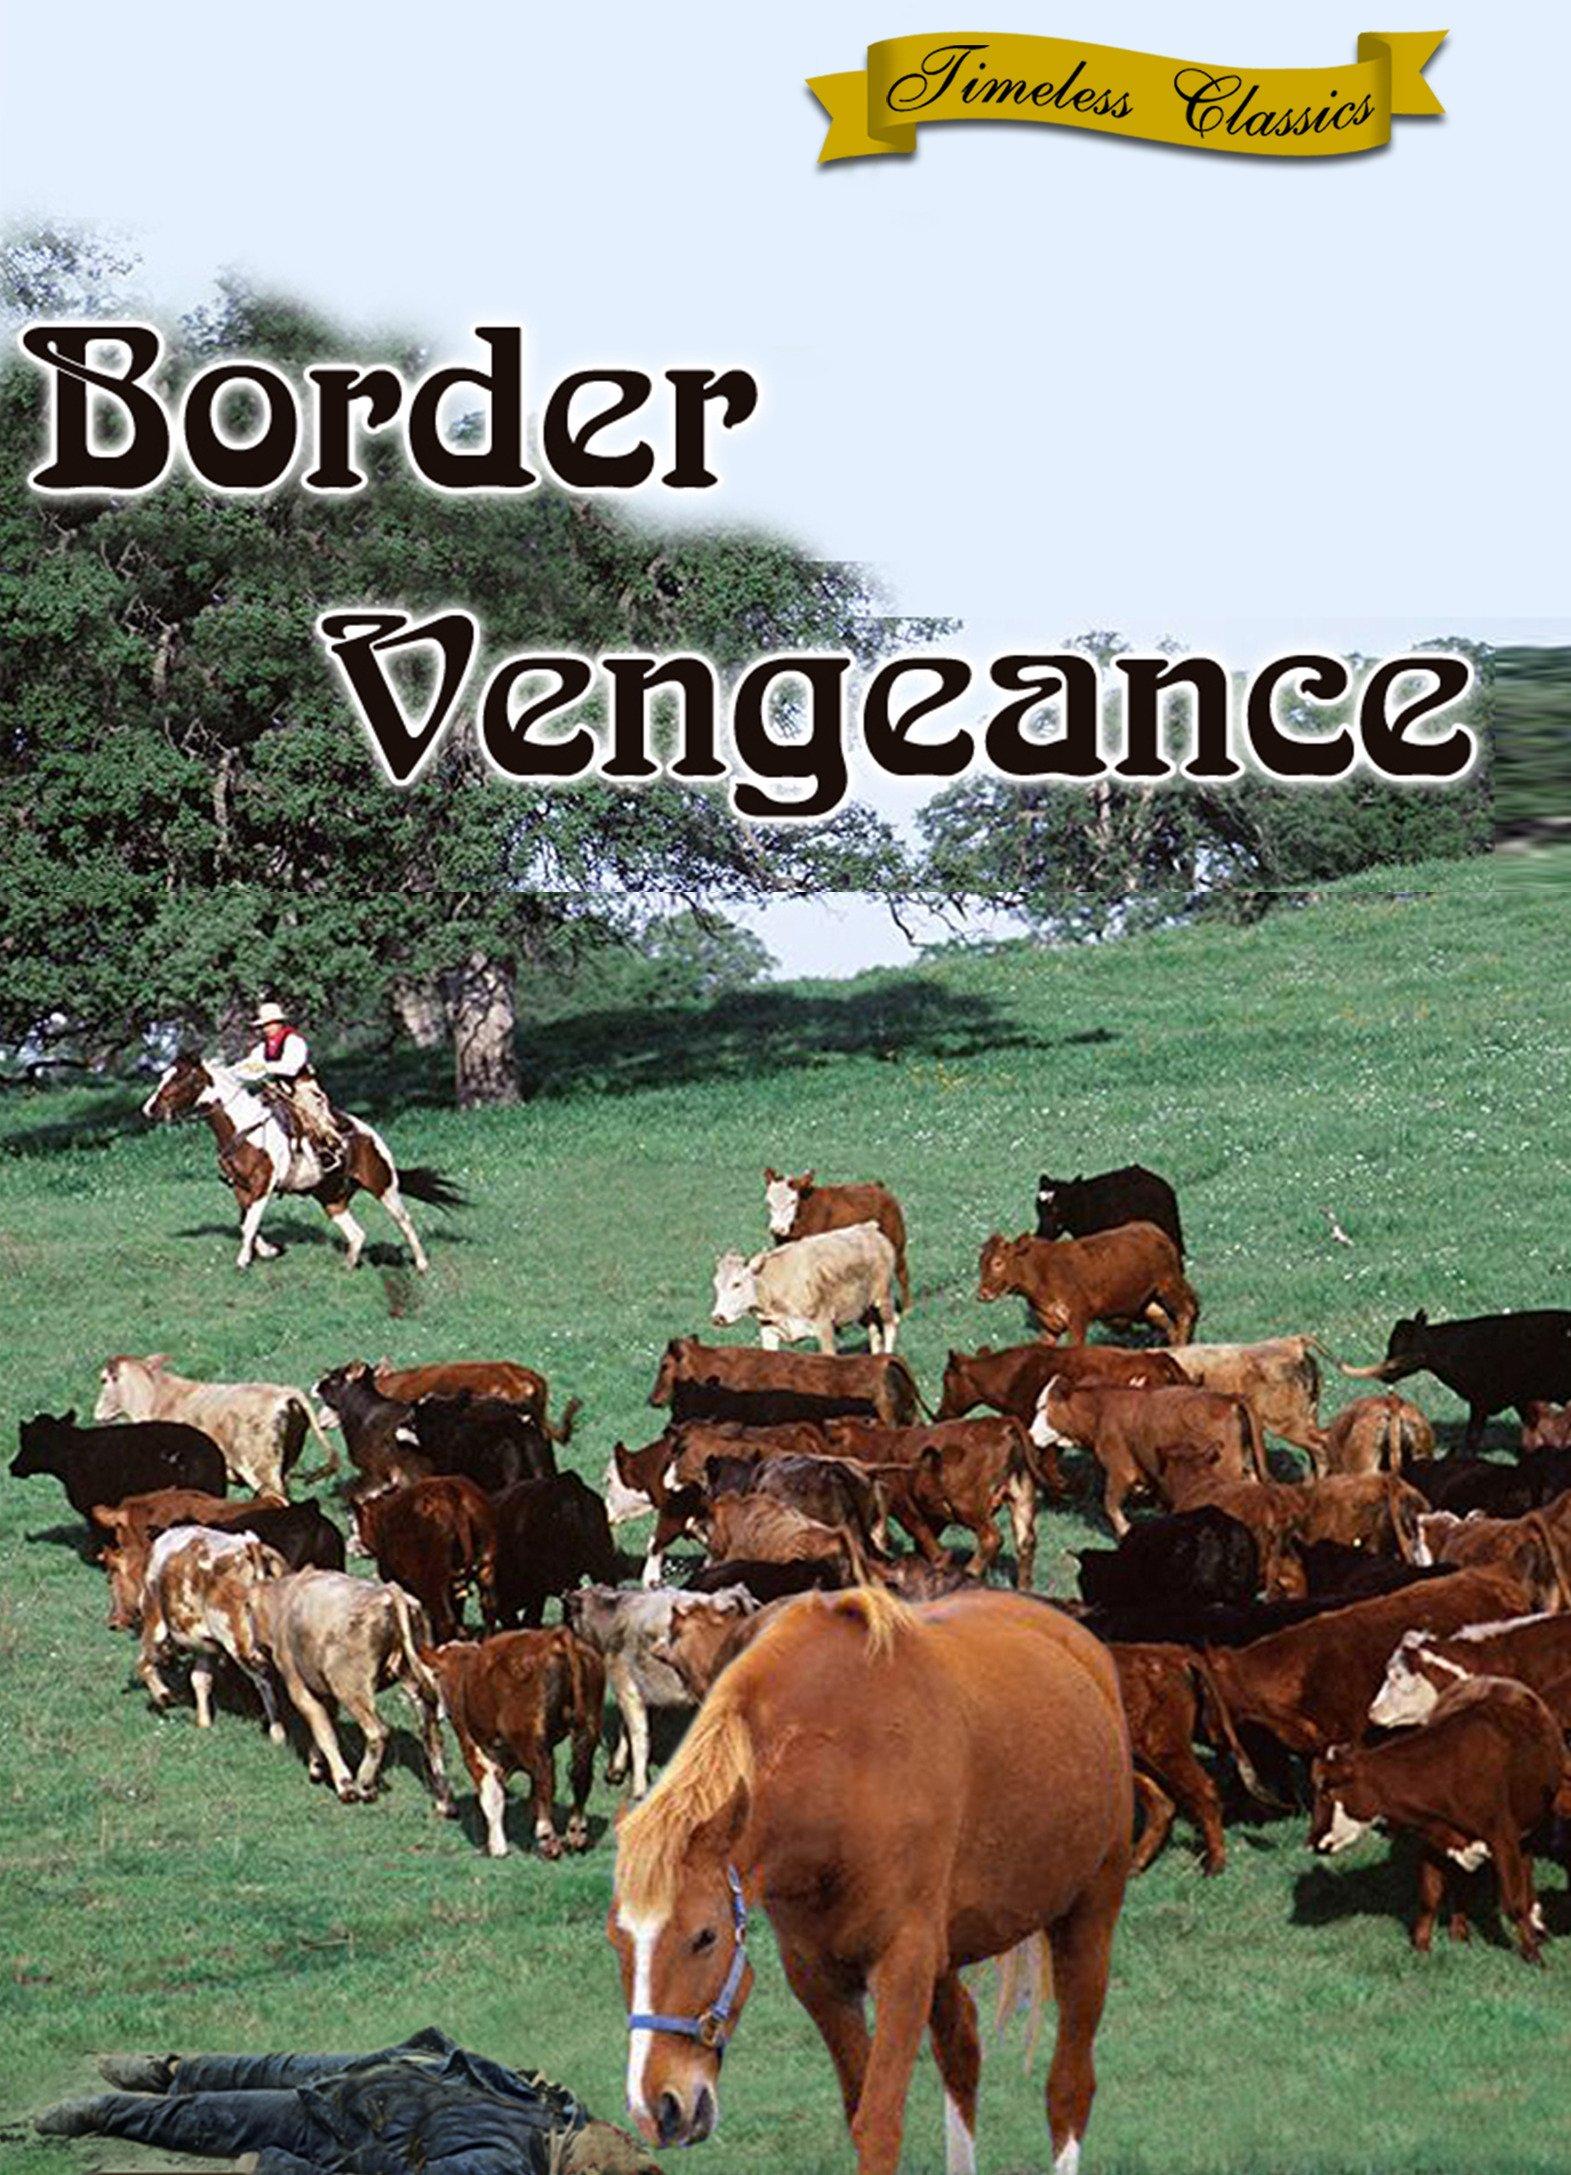 Border Vengeance (1935)